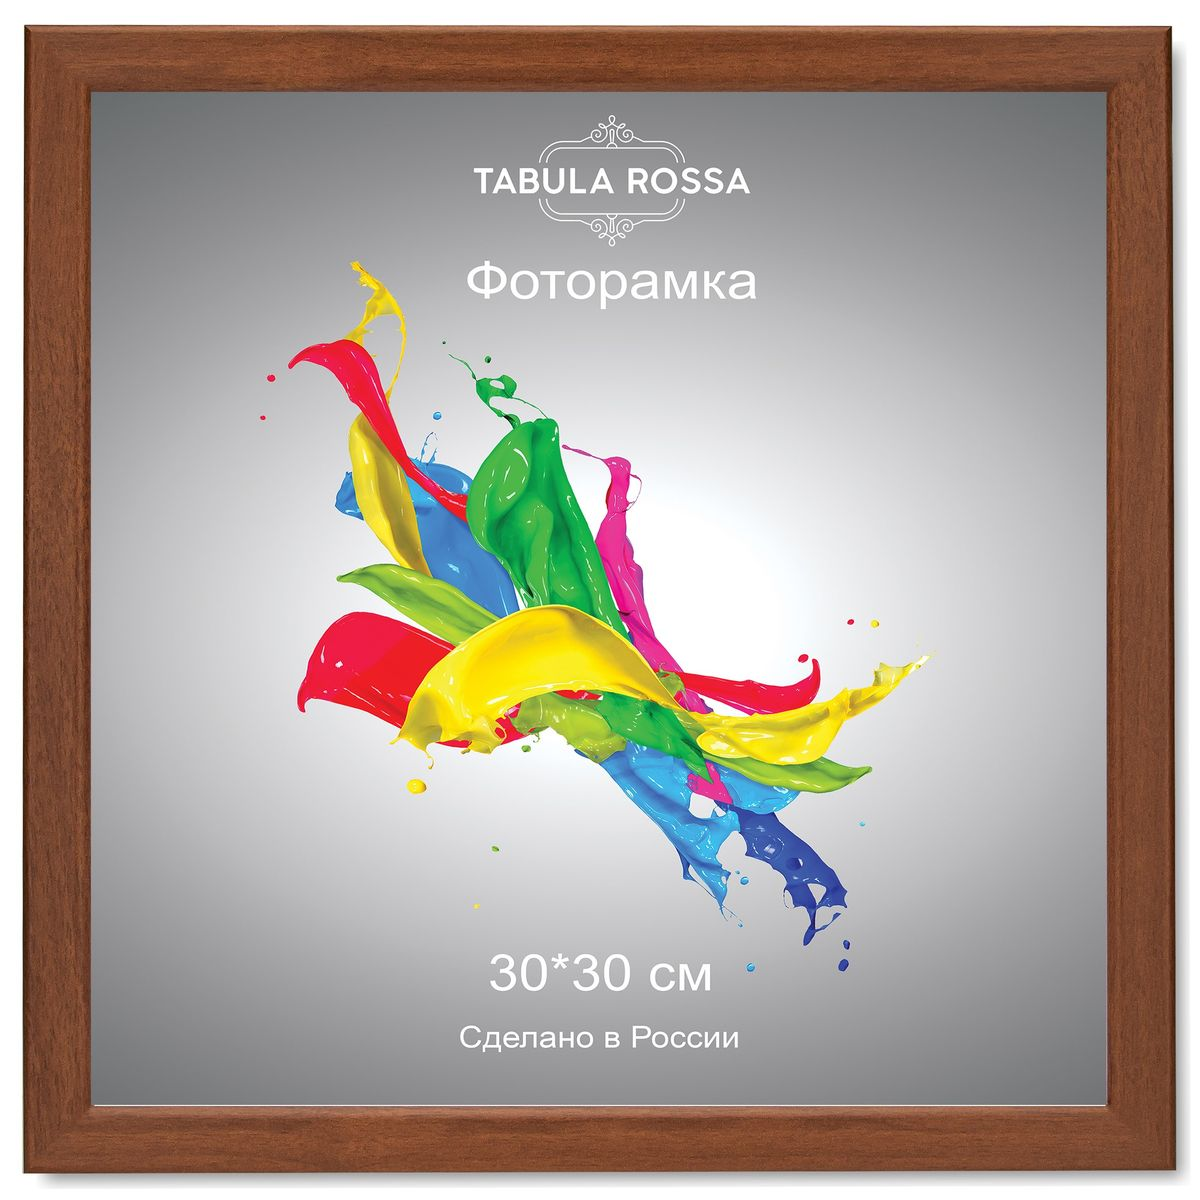 Фоторамка Tabula Rossa, цвет: орех, 30 х 30 см. ТР 6028ТР 6028Фоторамка Tabula Rossa выполнена в классическом стиле из высококачественного МДФ и стекла, защищающего фотографию. Оборотная сторона рамки оснащена специальной ножкой, благодаря которой ее можно поставить на стол или любое другое место в доме или офисе. Также изделие дополнено двумя специальными креплениями для подвешивания на стену.Такая фоторамка не теряет своих свойств со временем, не деформируется и не выцветает. Она поможет вам оригинально и стильно дополнить интерьер помещения, а также позволит сохранить память о дорогих вам людях и интересных событиях вашей жизни.